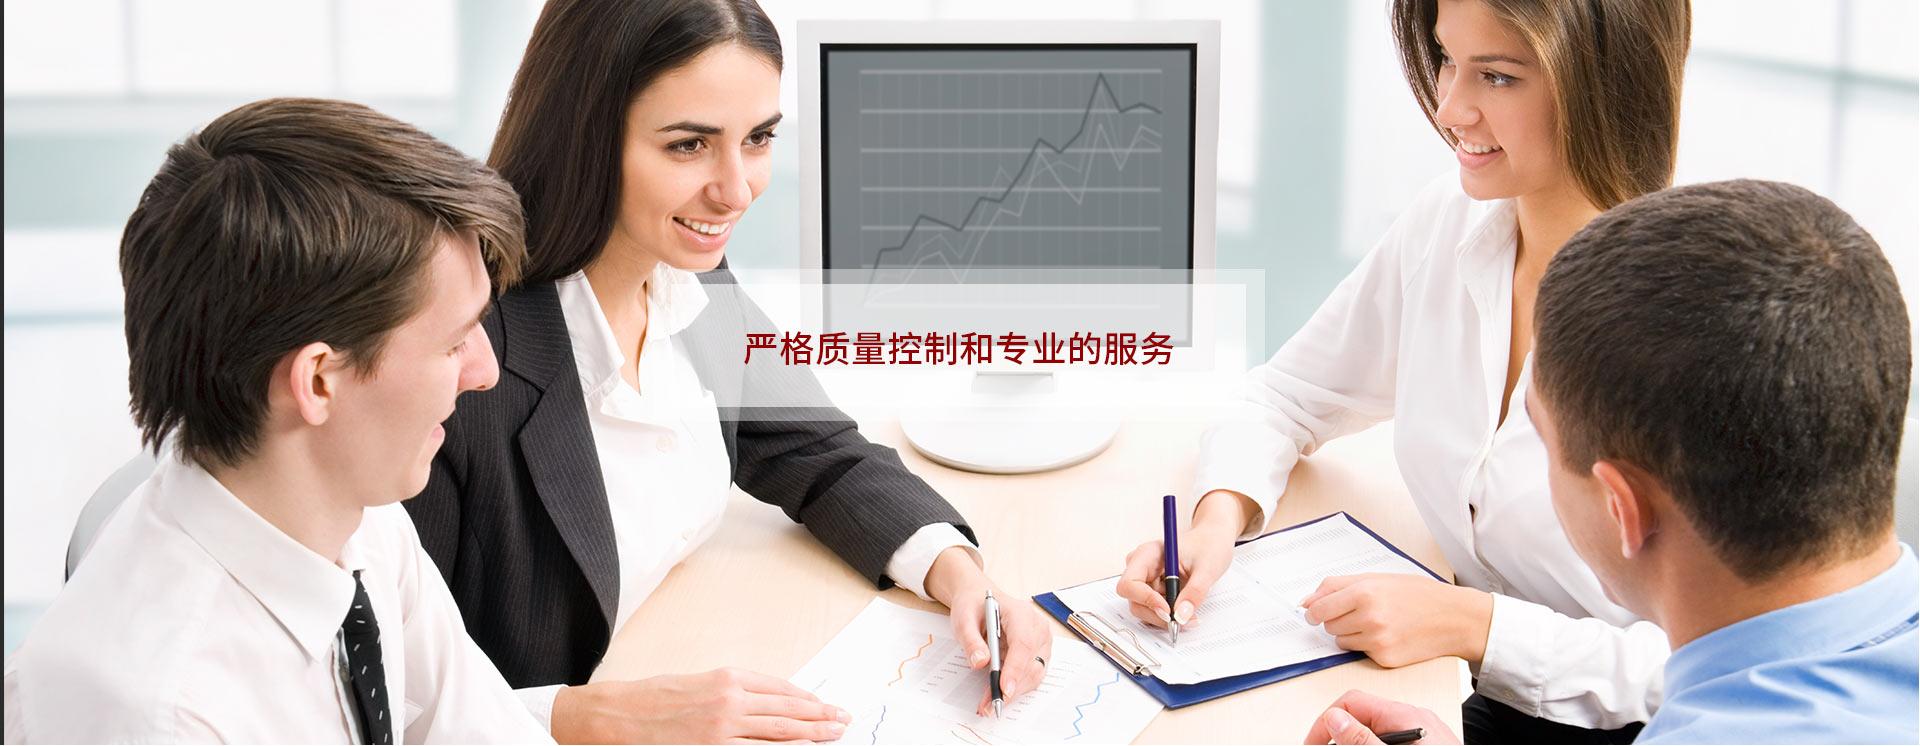 沧州韵翔纸箱机械有限公司